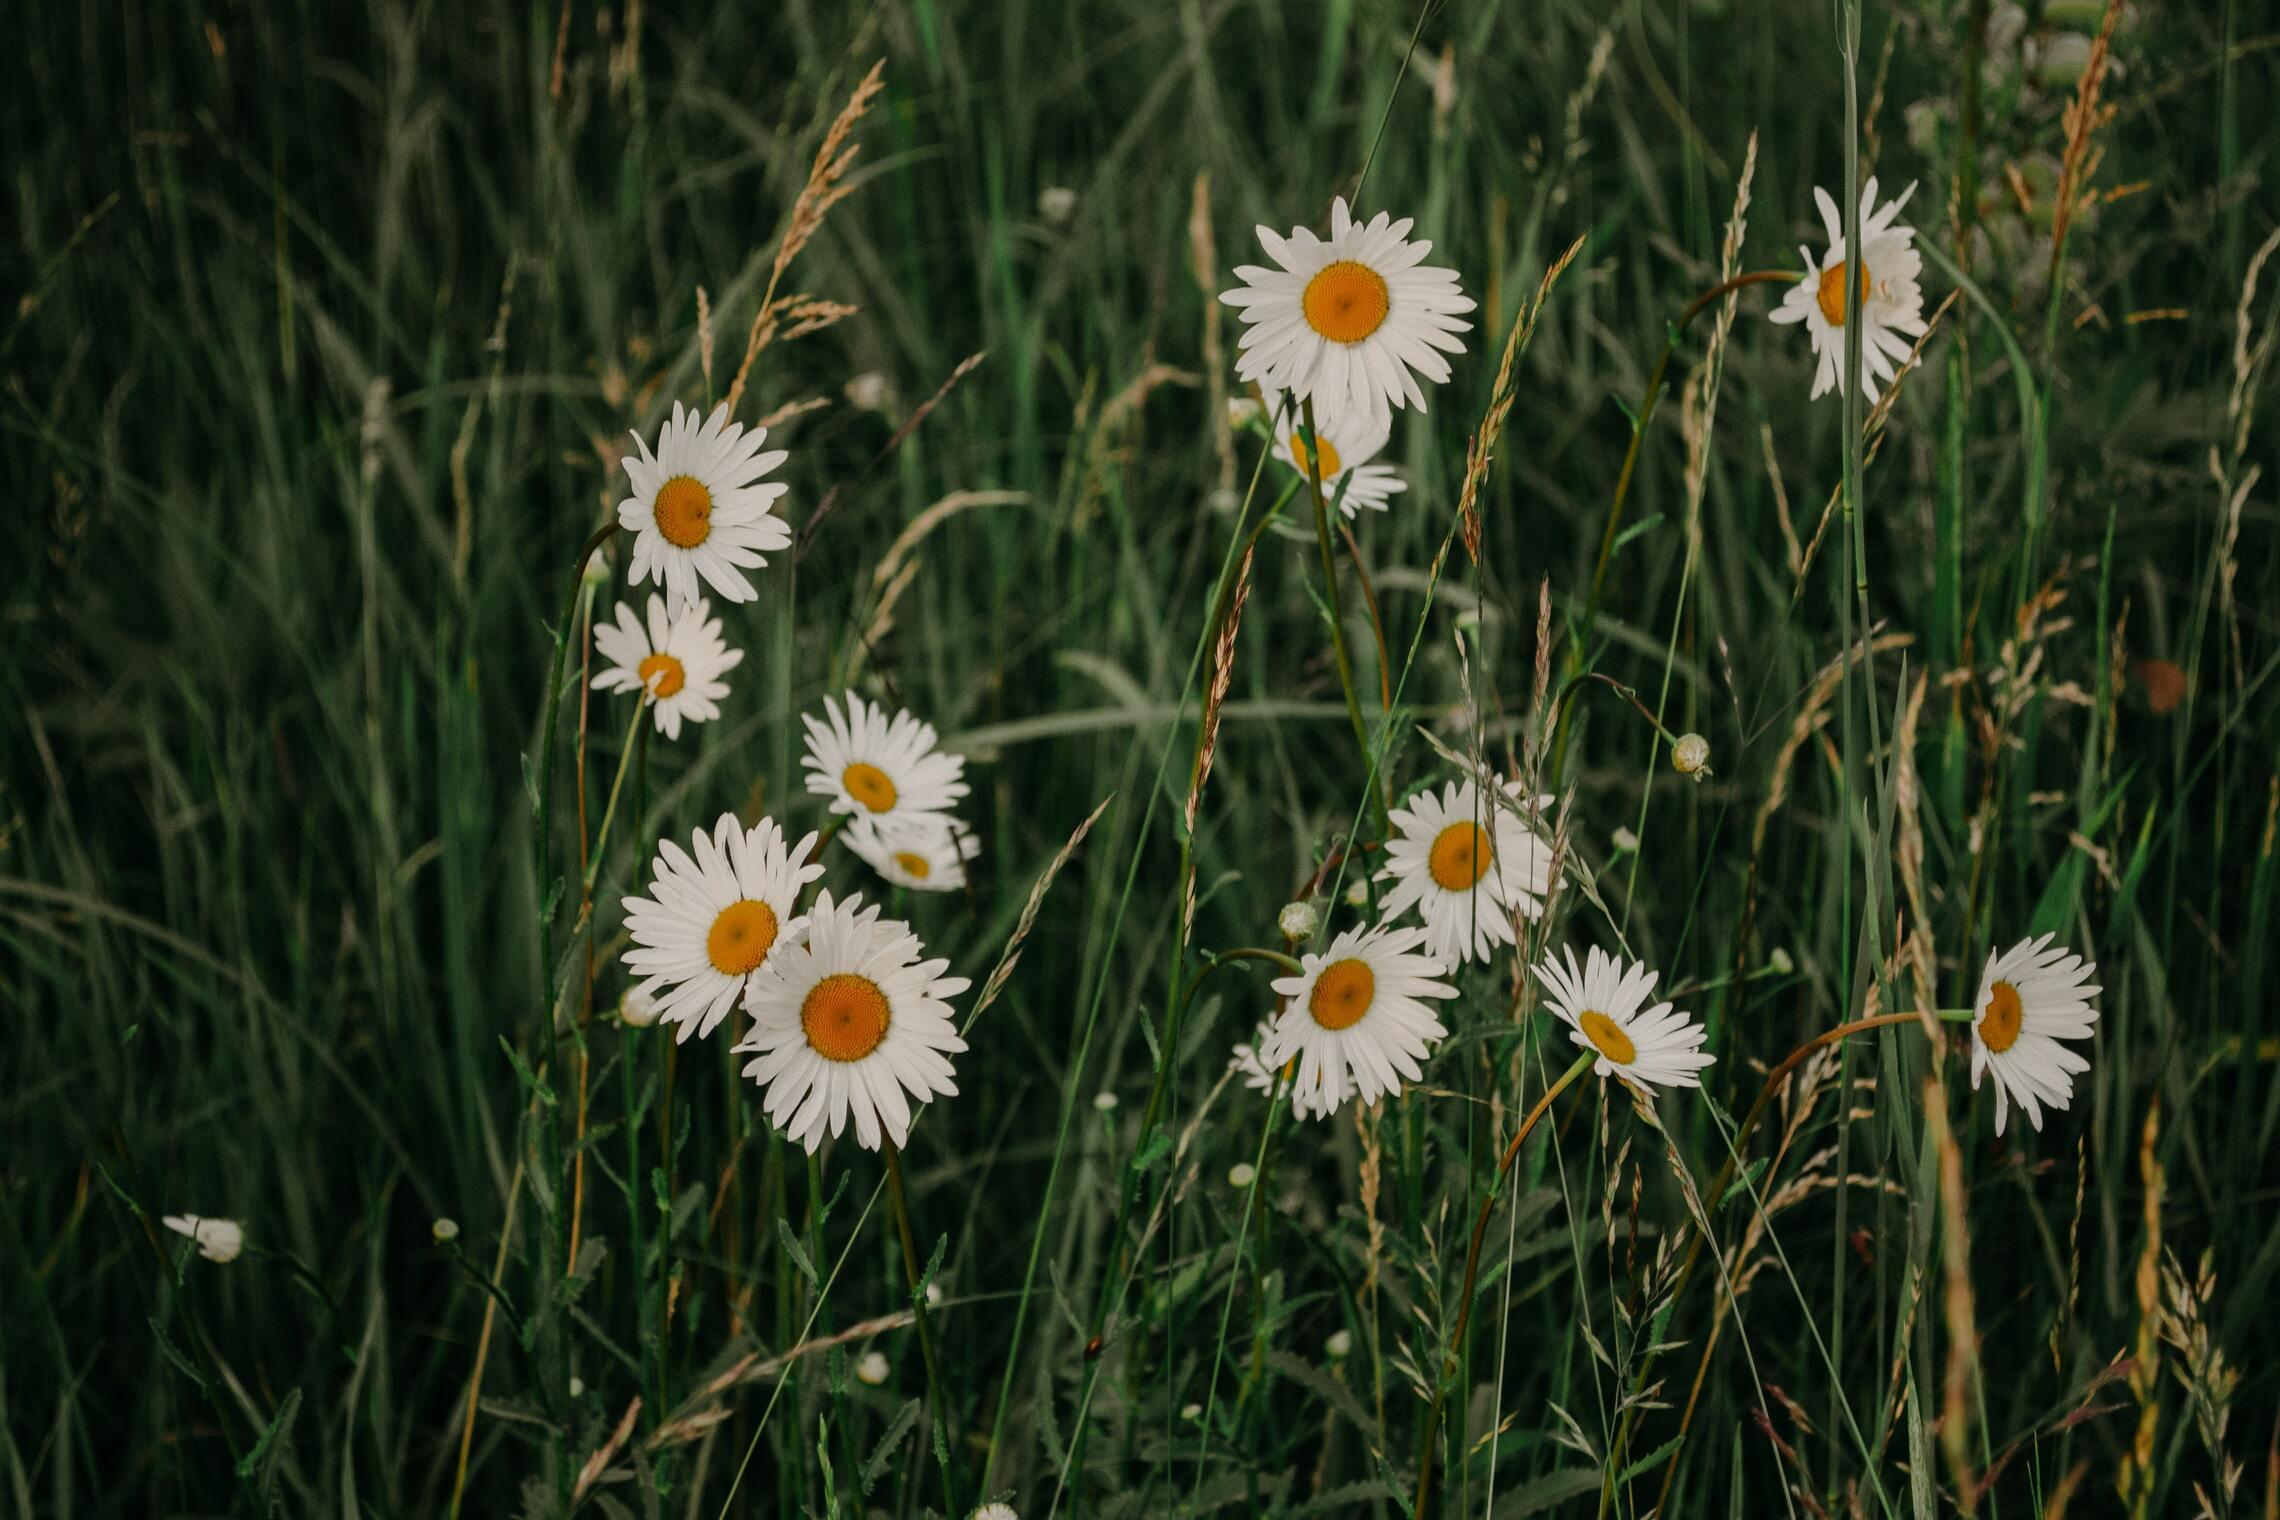 Hình ảnh vườn hoa cúc dại đẹp